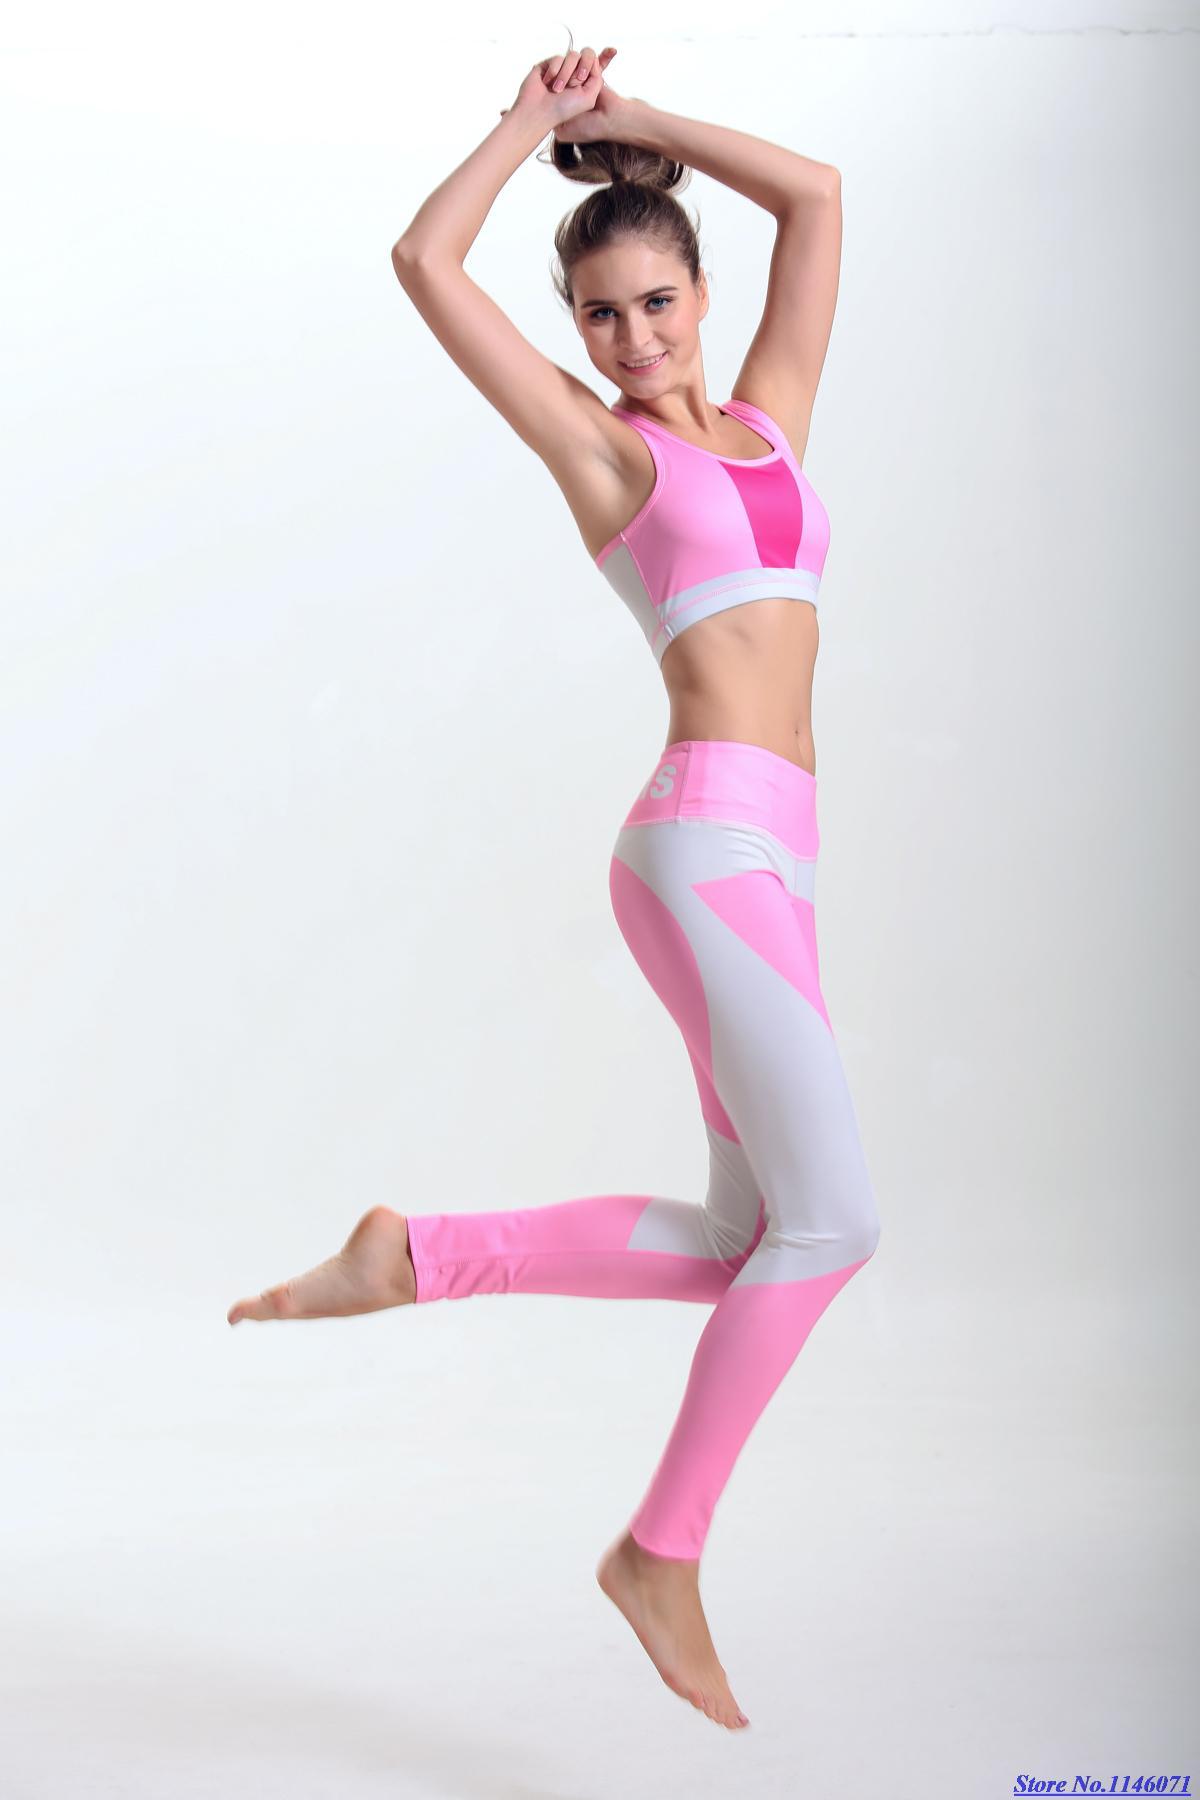 Set Sport Bra Celana Pendek Yoga Gym Abu Update Daftar Harga Pants Legging Senam Sorex Ua 510 New Pink Peach Kebugaran Pakaian Gradien Top Grade Wanita